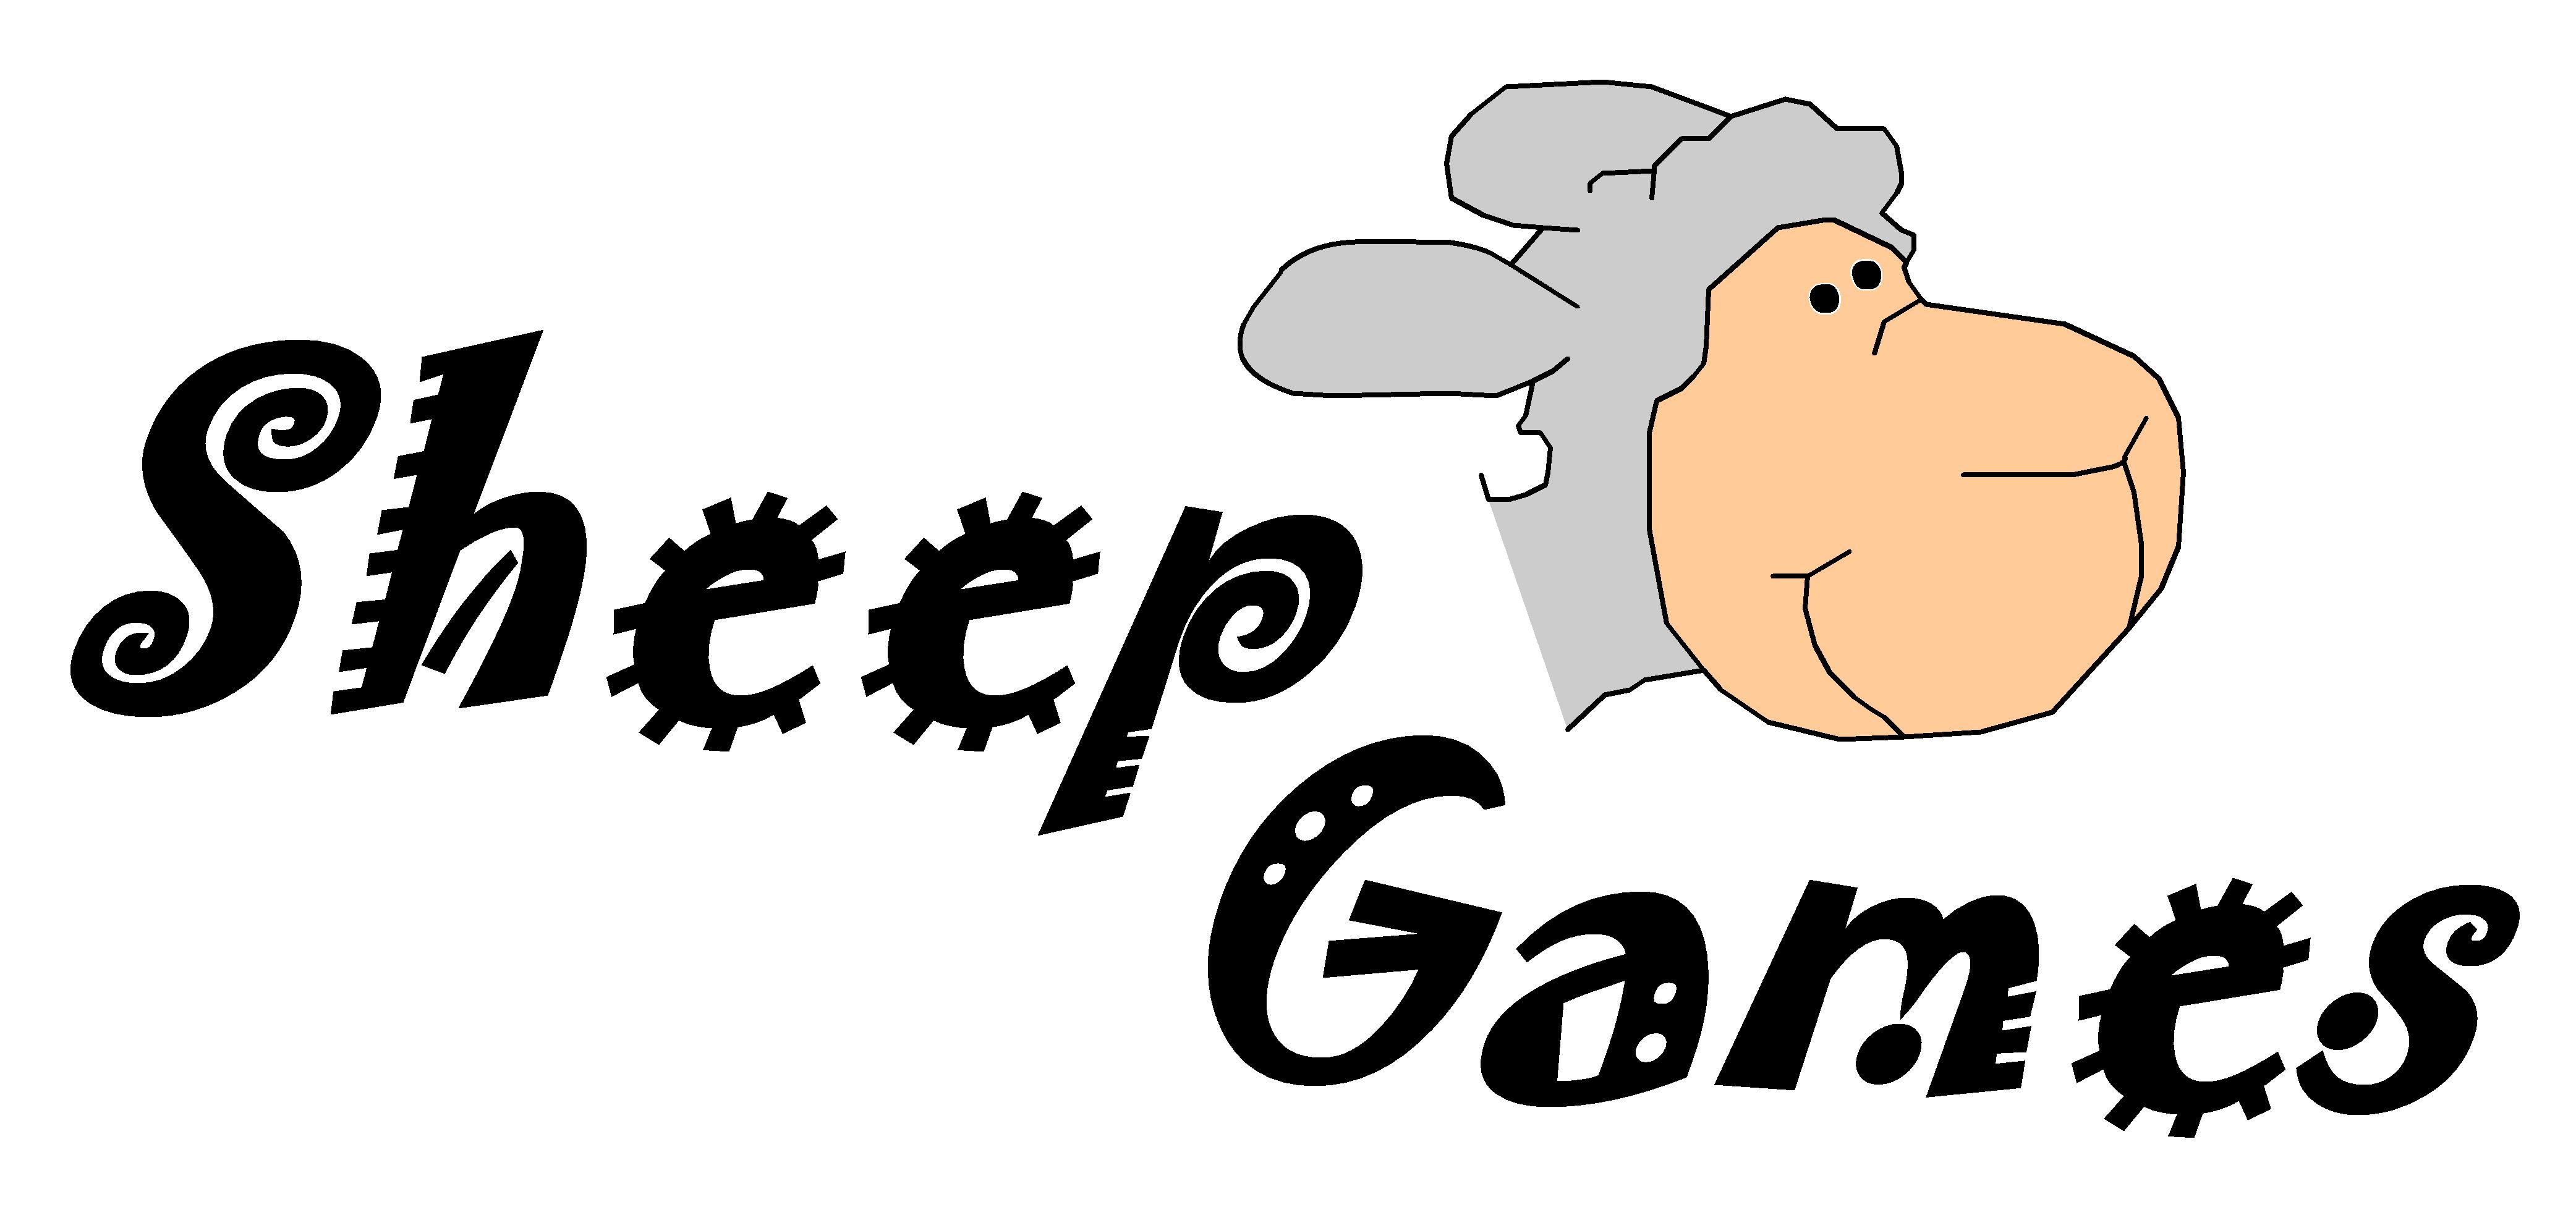 Sheepgames